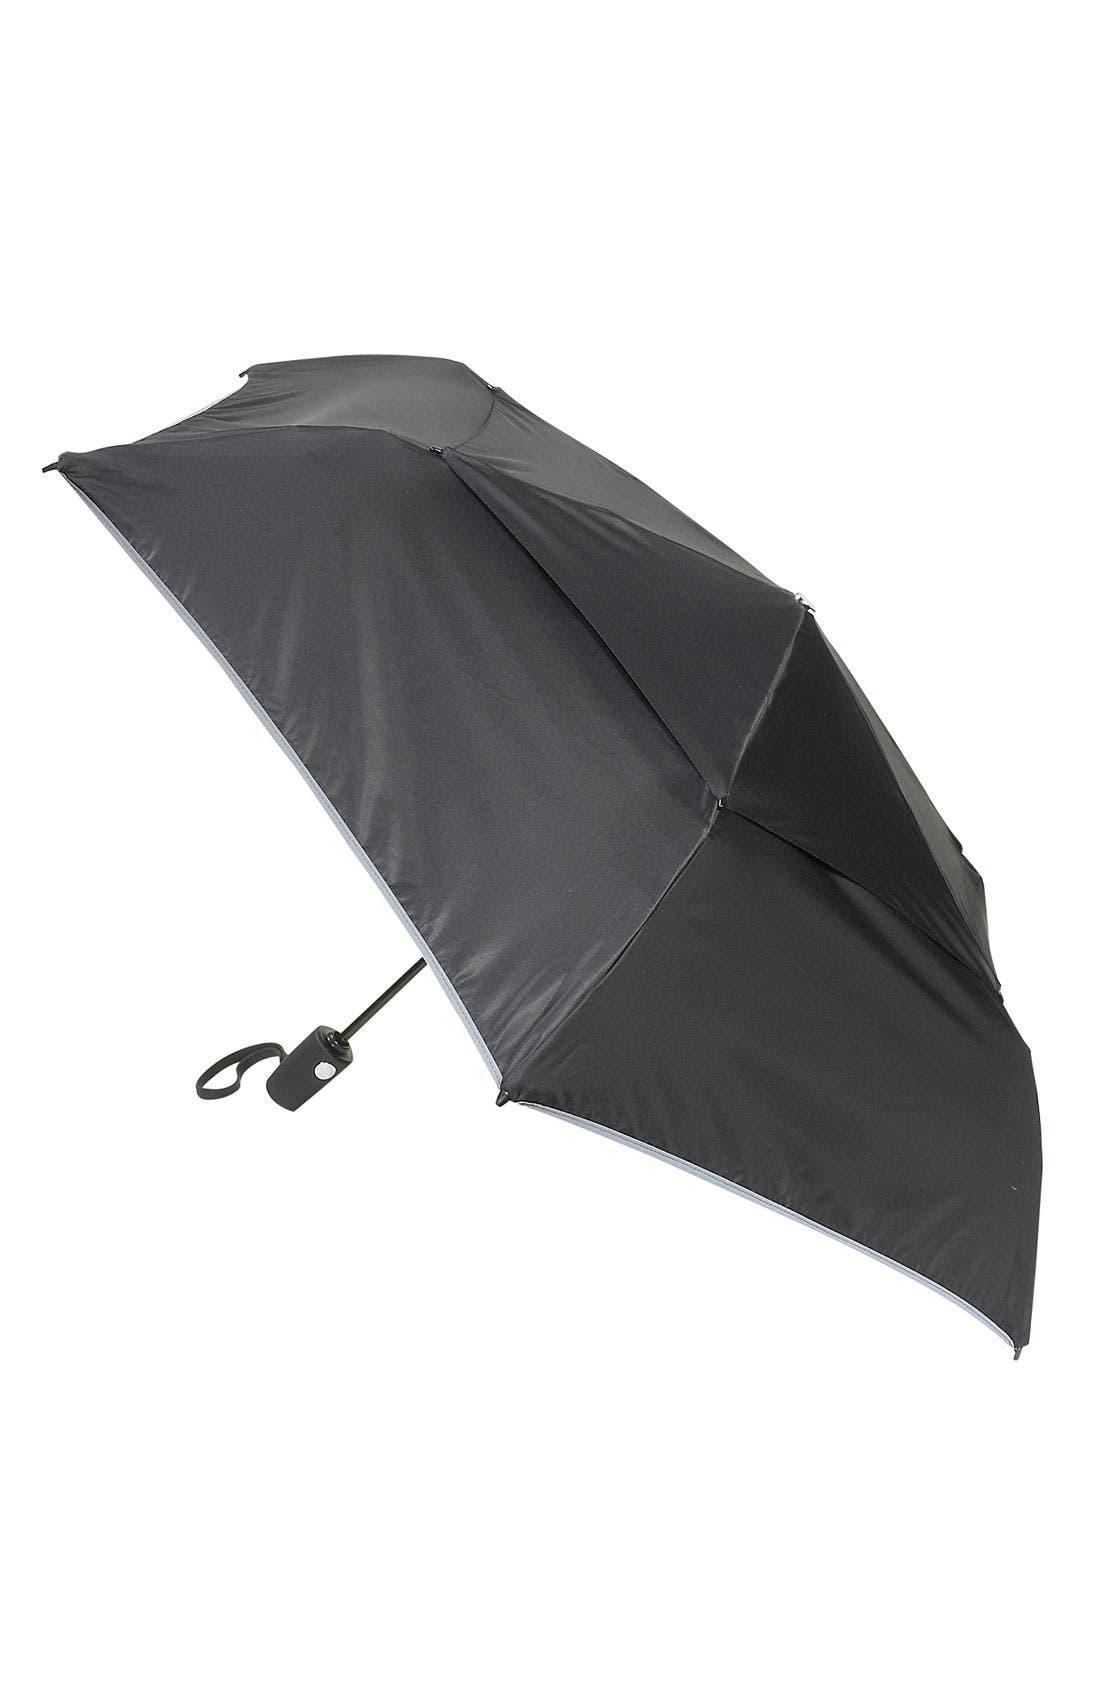 Alternate Image 1 Selected - Tumi Medium Auto Close Umbrella